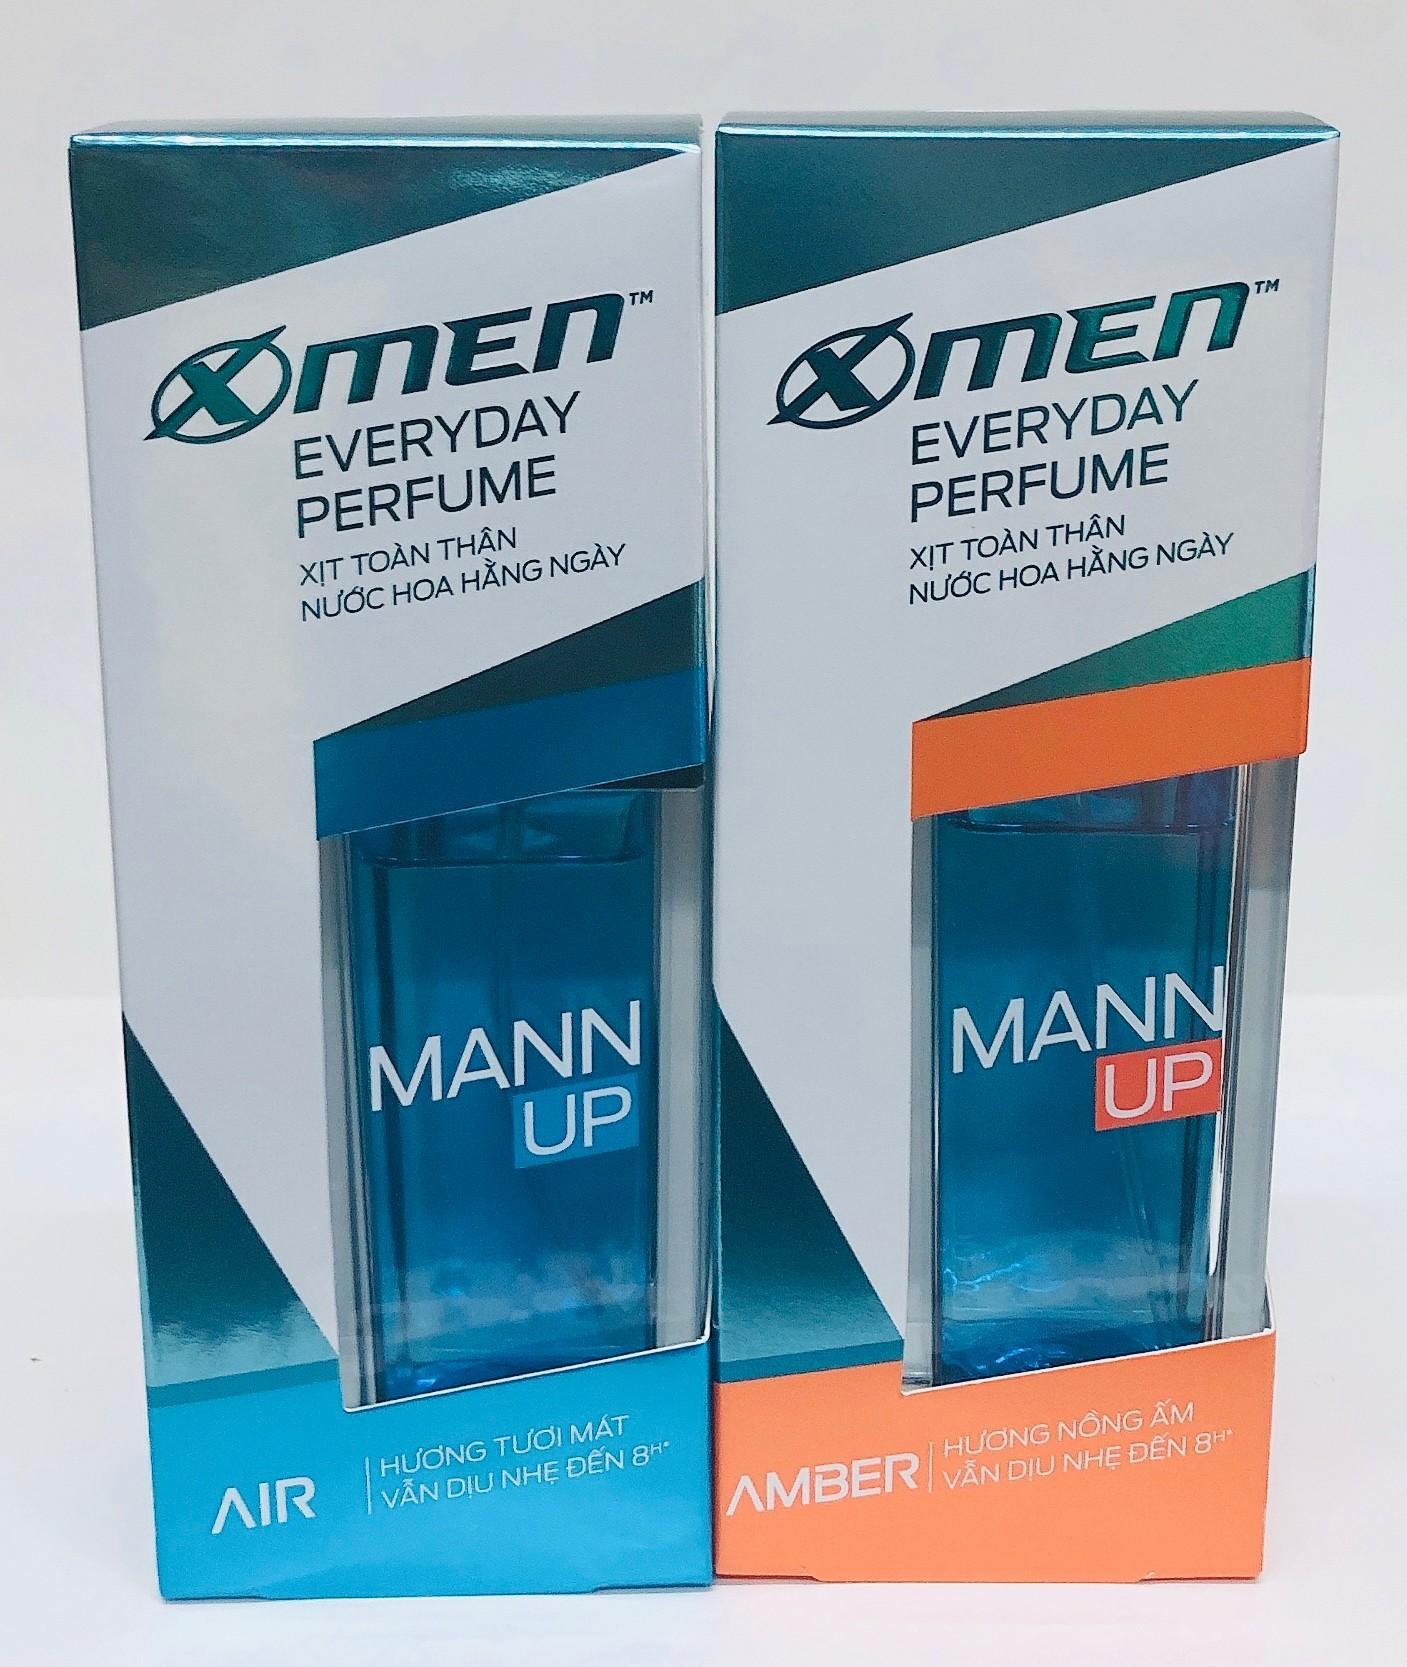 Xịt Toàn Thân Nước Hoa X-men Everyday Perfume 50ml - Amber (Hương Nồng Ấm)